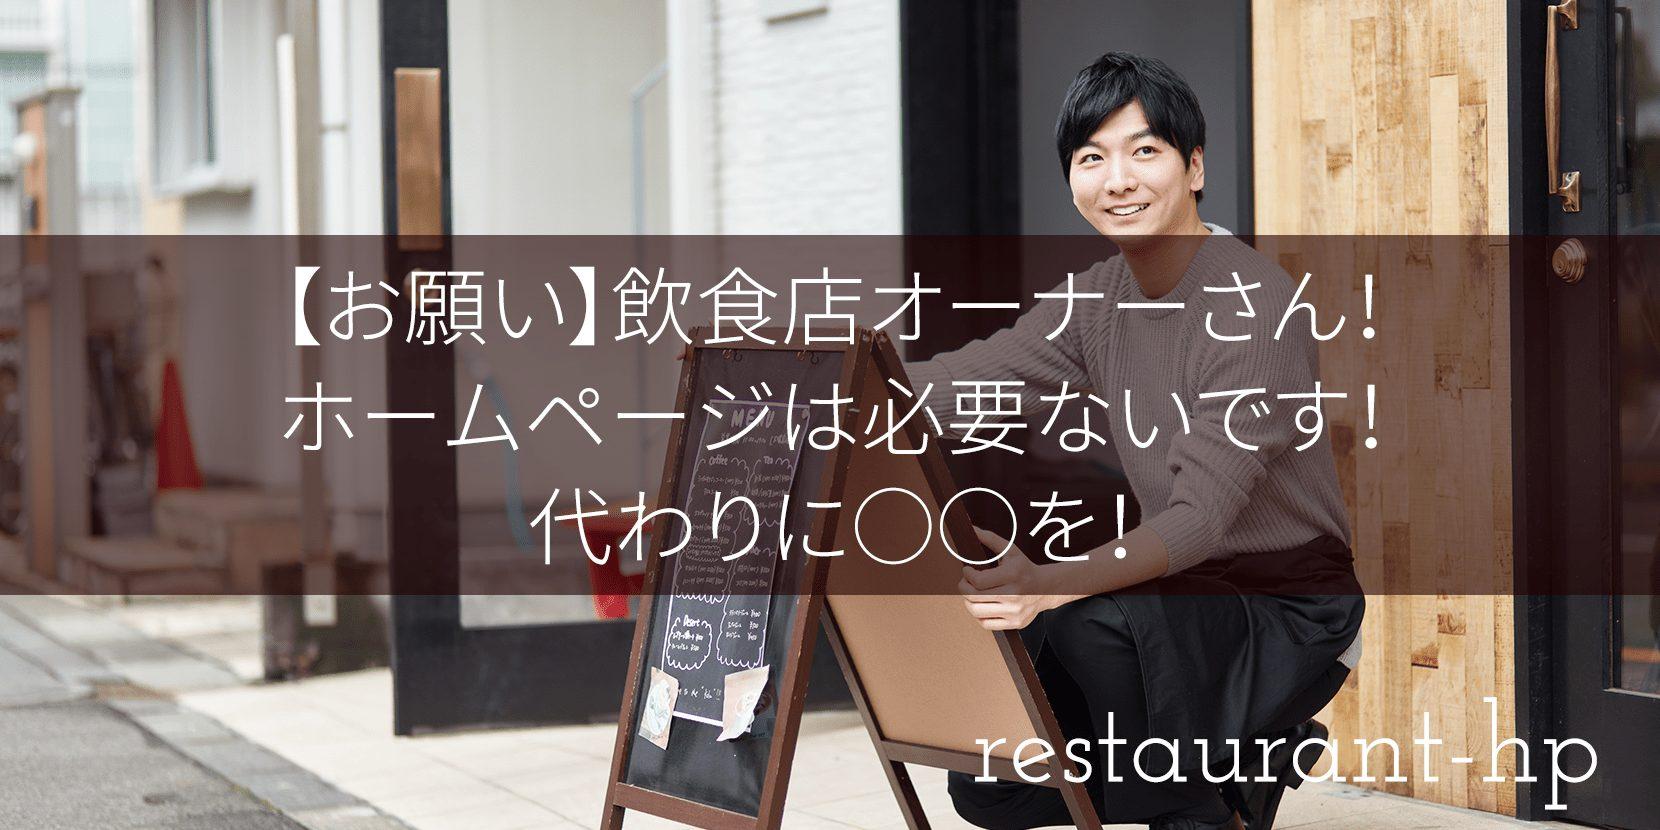 【お願い】飲食店オーナーさん!ホームページは必要ないです!代わりに○○を!